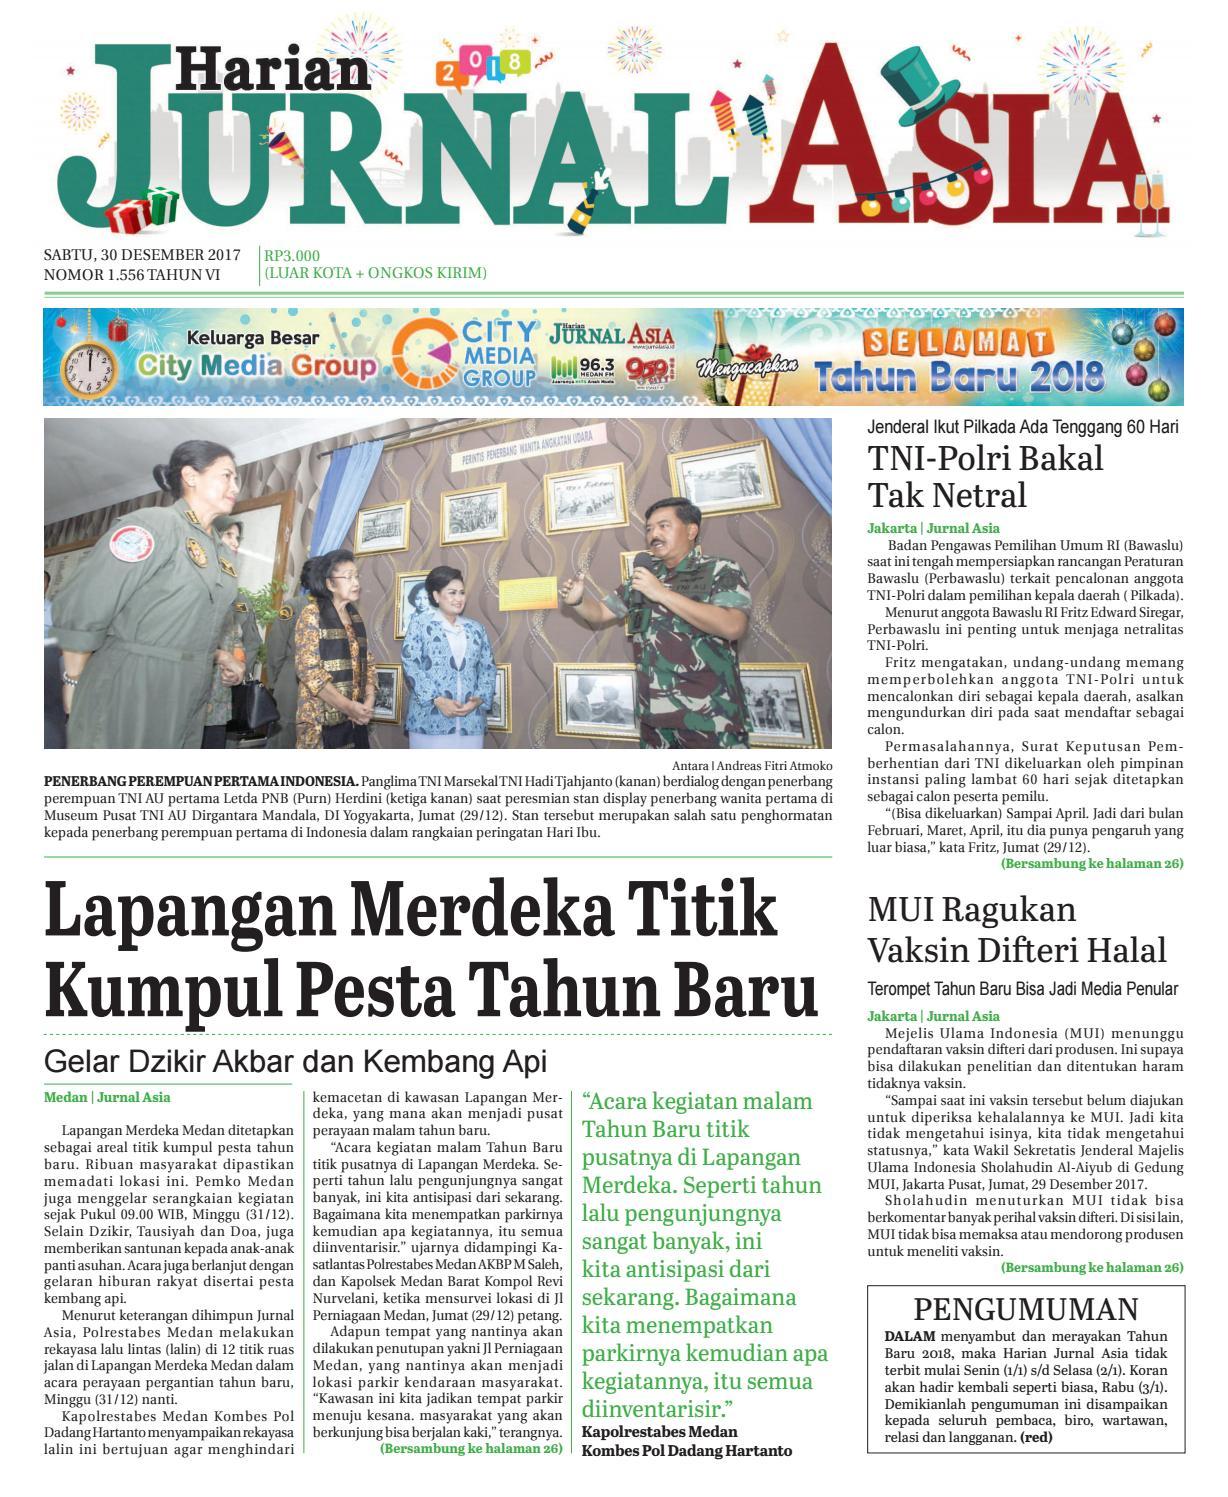 Harian Jurnal Asia Edisi Sabtu 30 Desember 2017 By Produk Ukm Bumn Chesse Pie Khas Balikpapan Medan Issuu